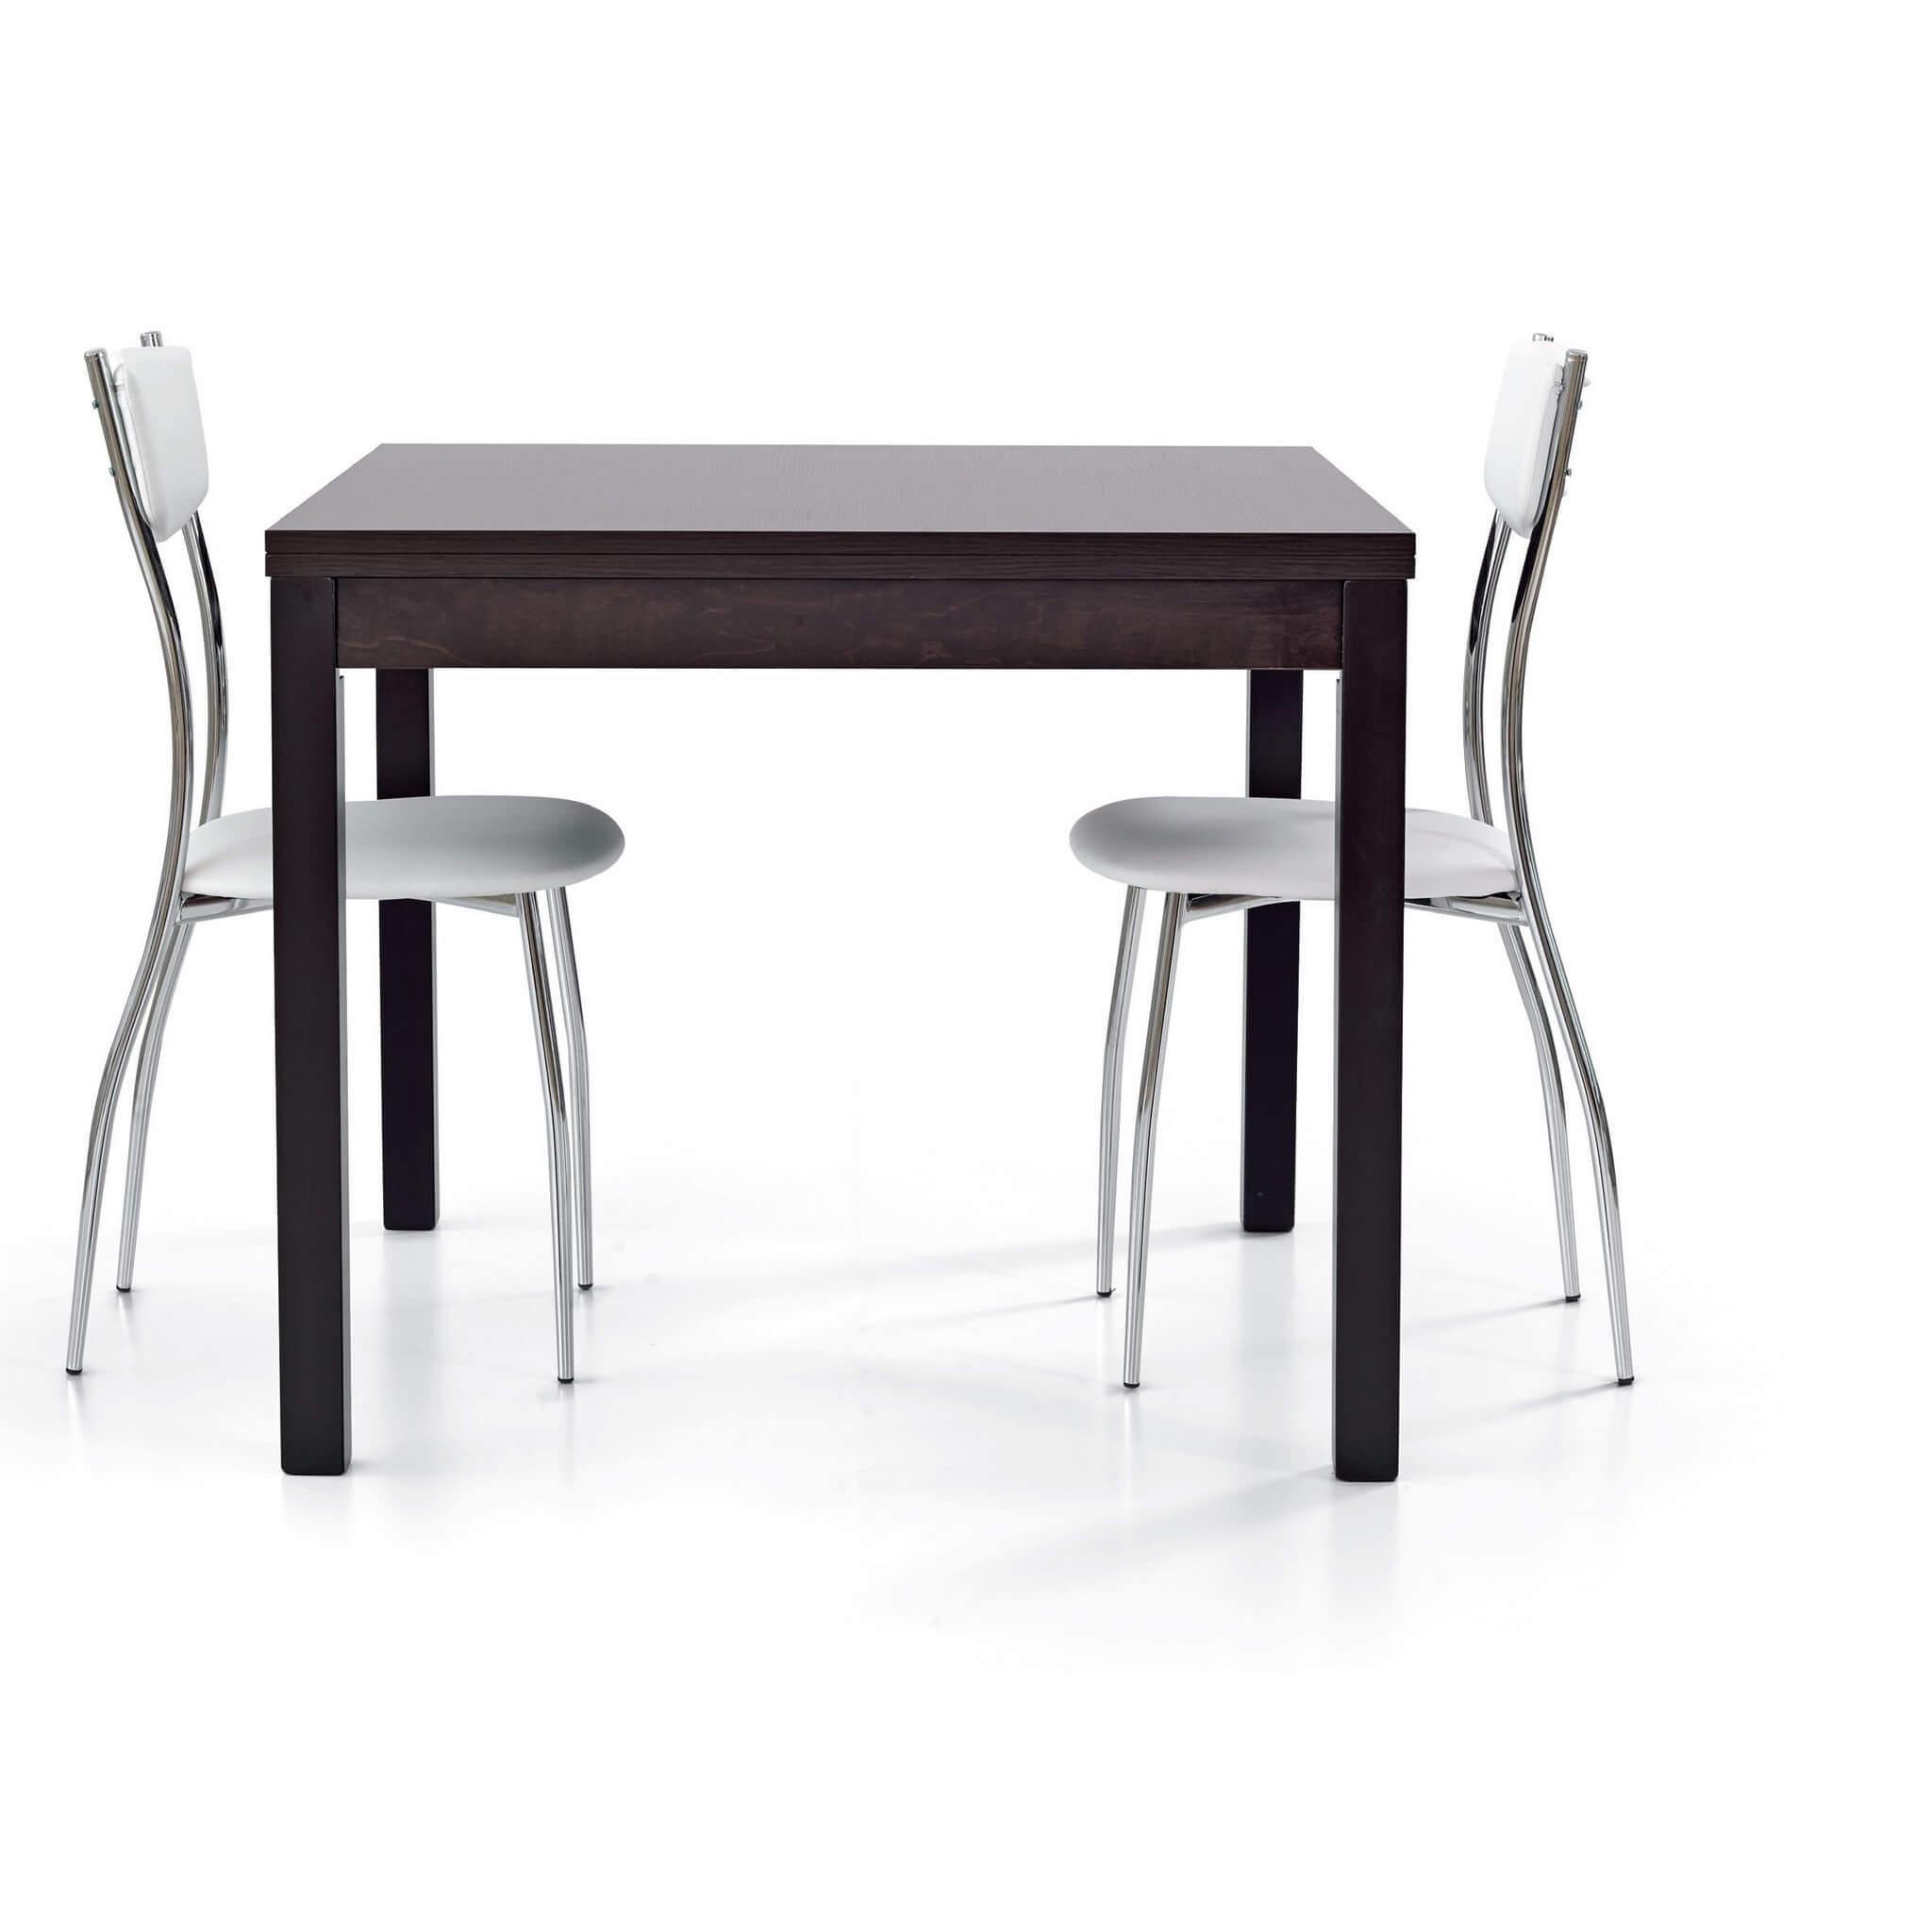 milani home garrett - tavolo da pranzo moderno allungabile a libro in rovere 90 x 90/180